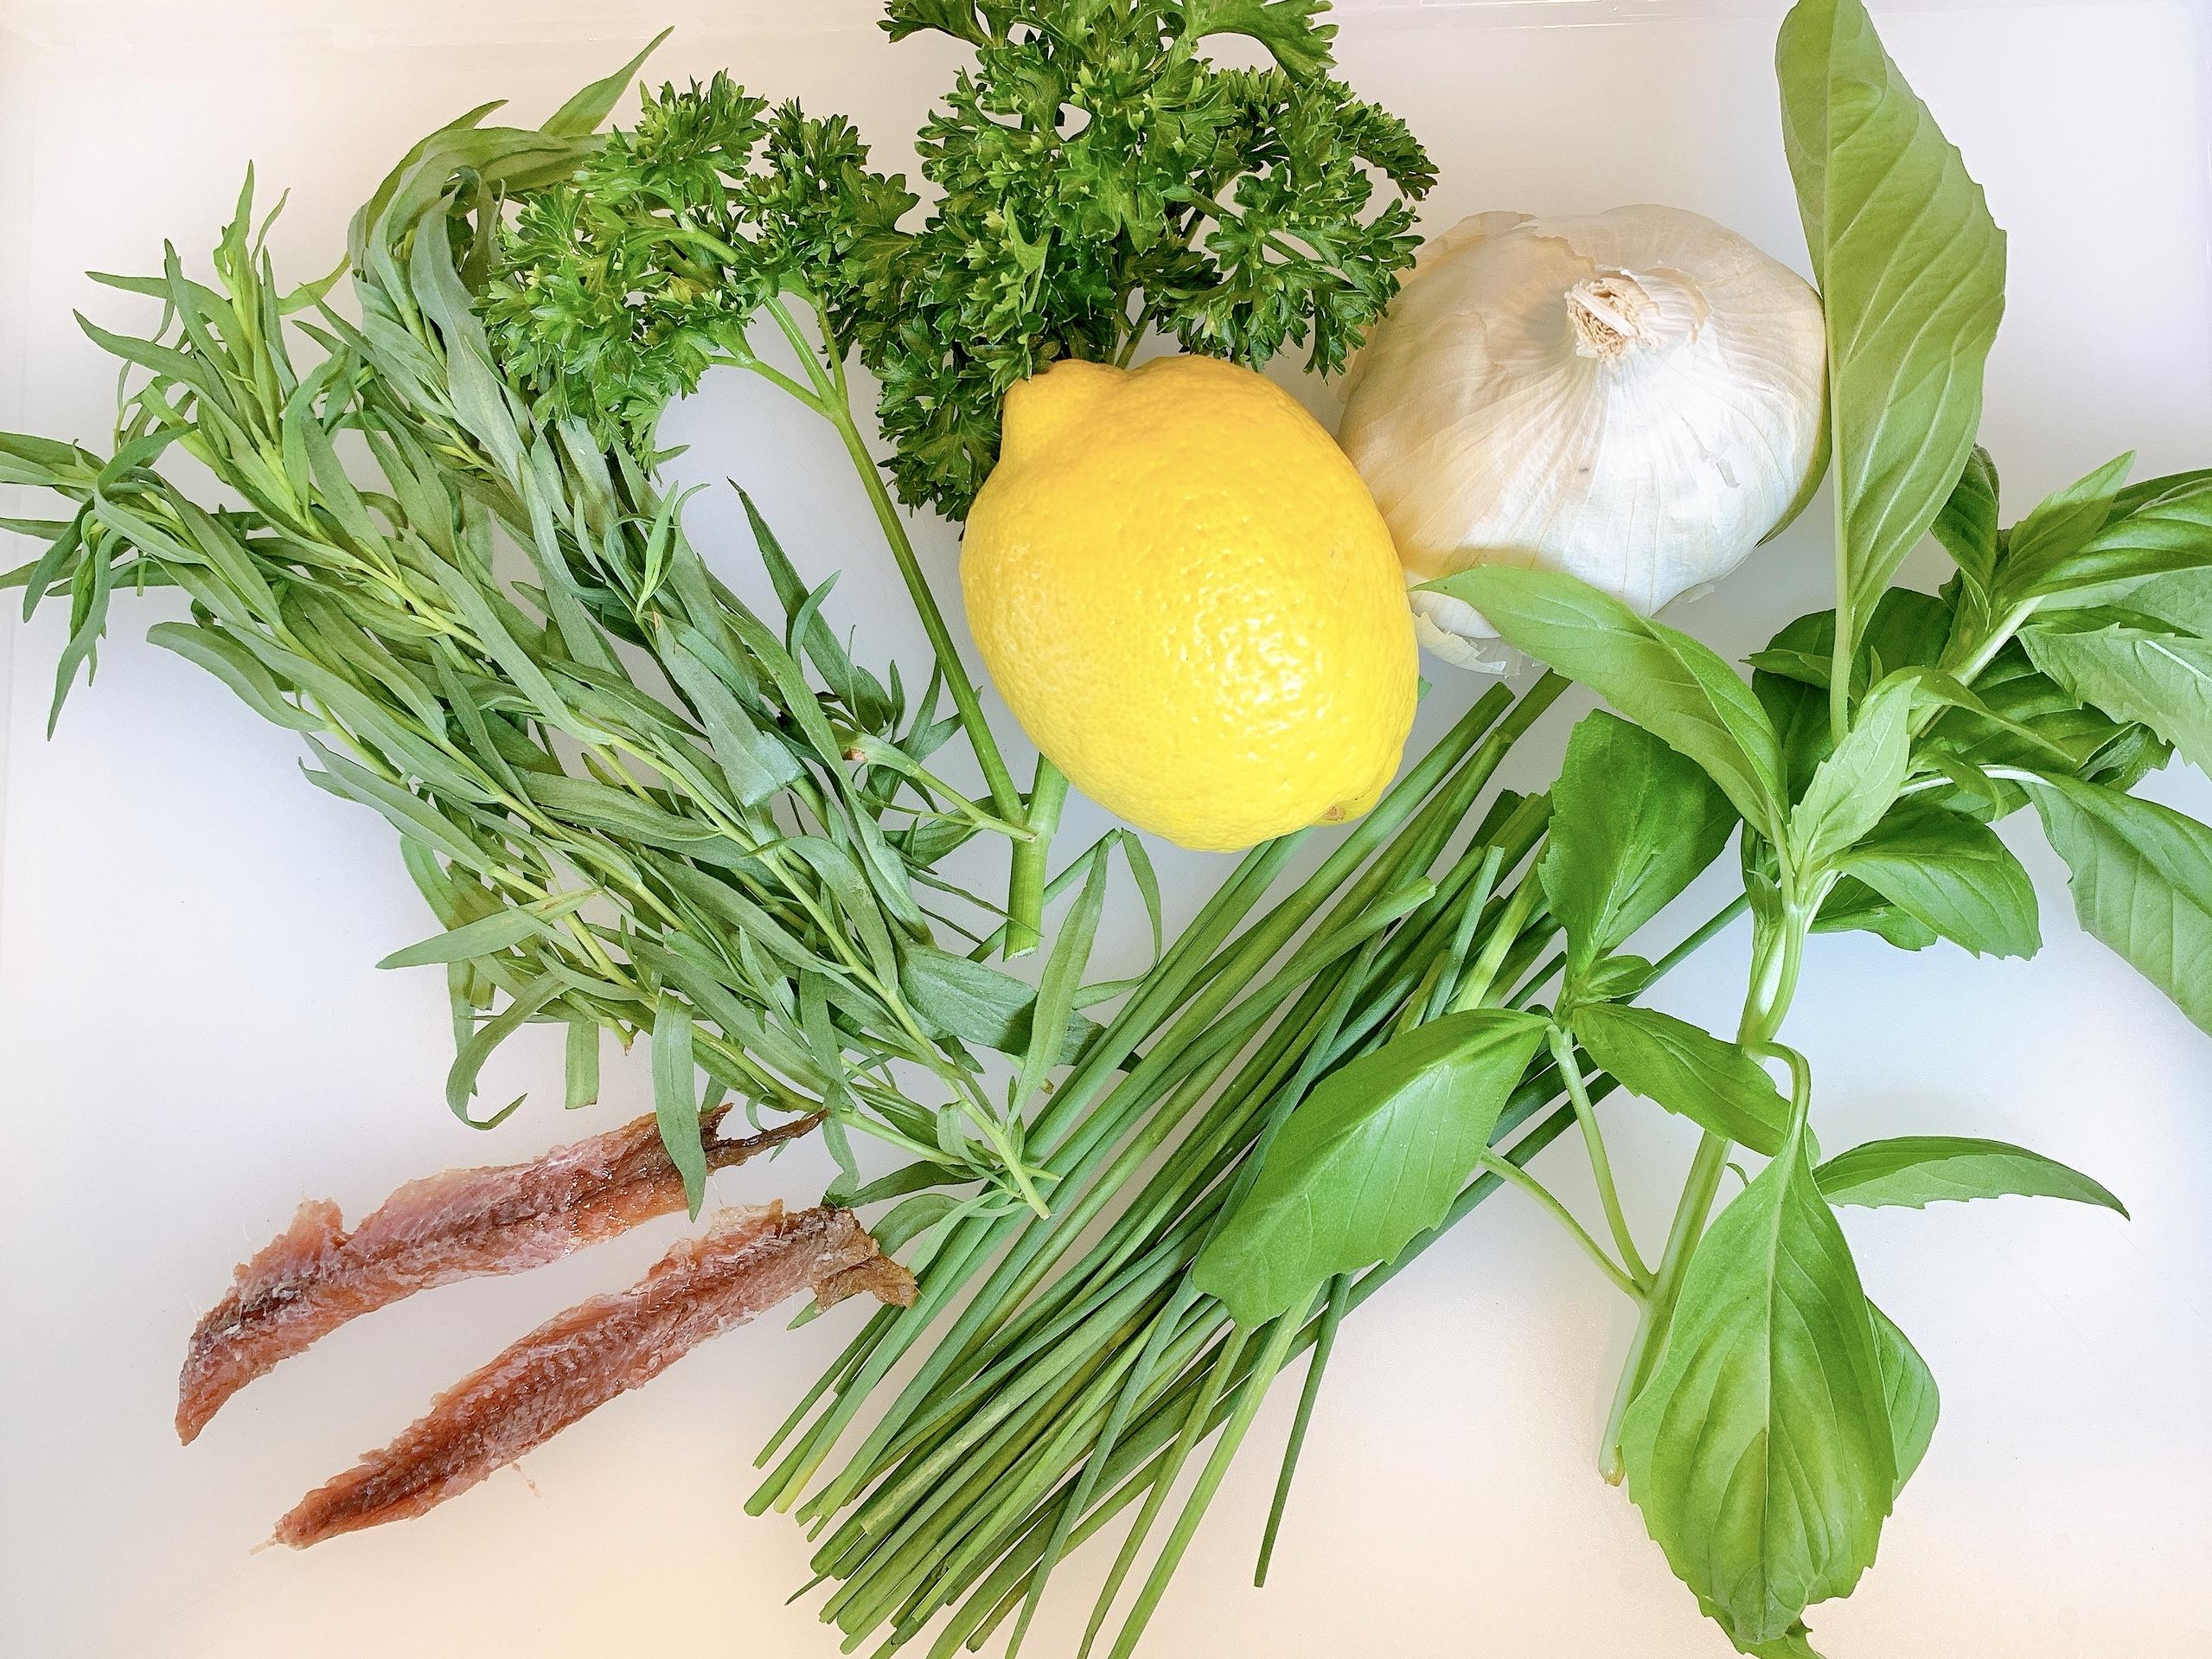 Fresh ingredients for Green Goddess Dressing